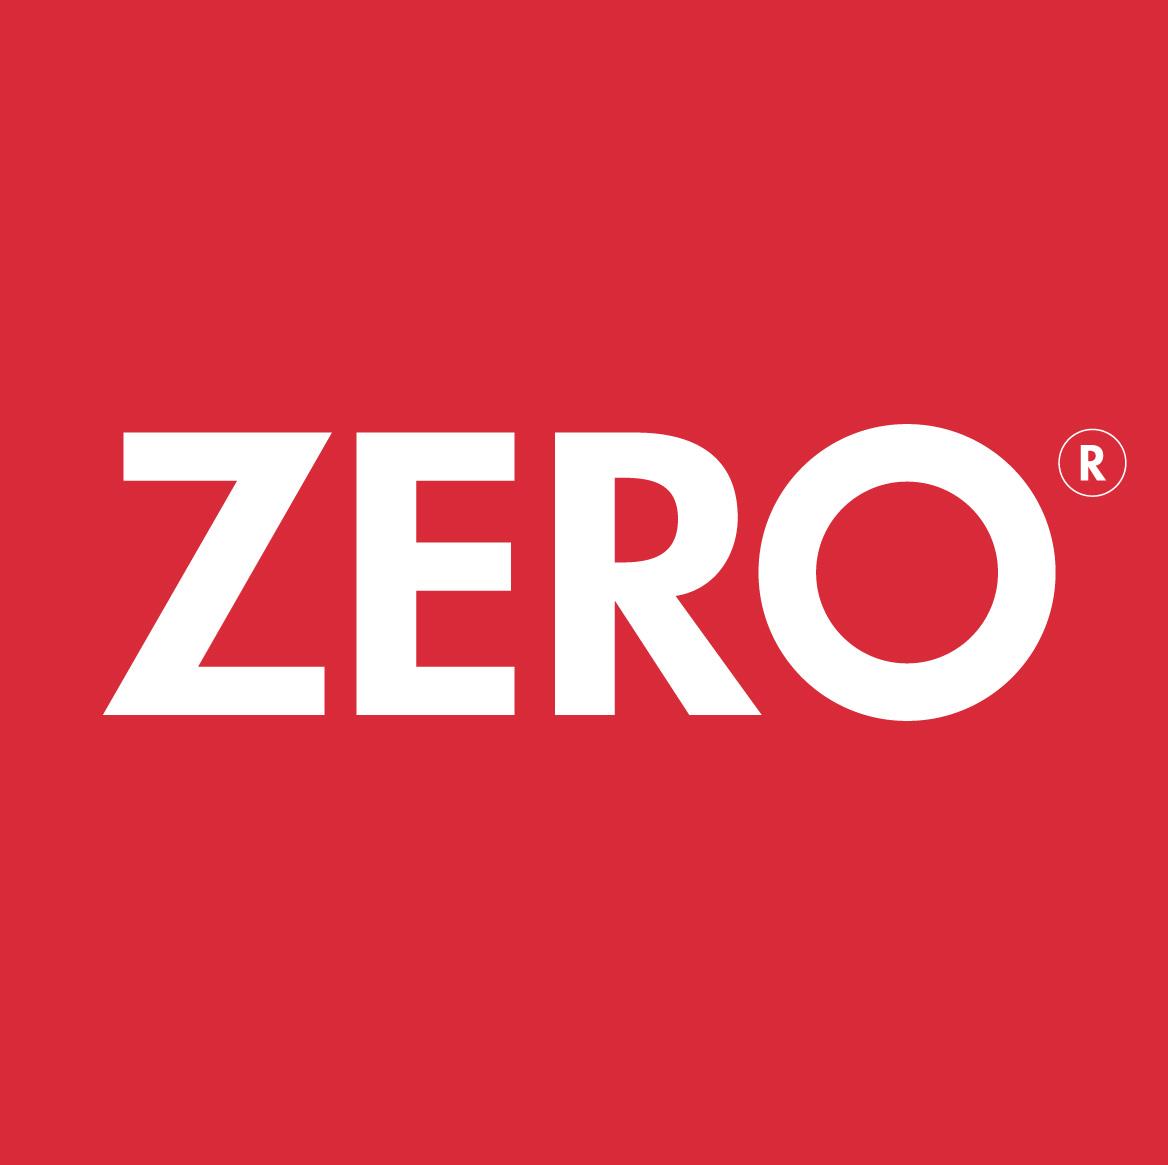 ZEROLOGO_stor.jpg